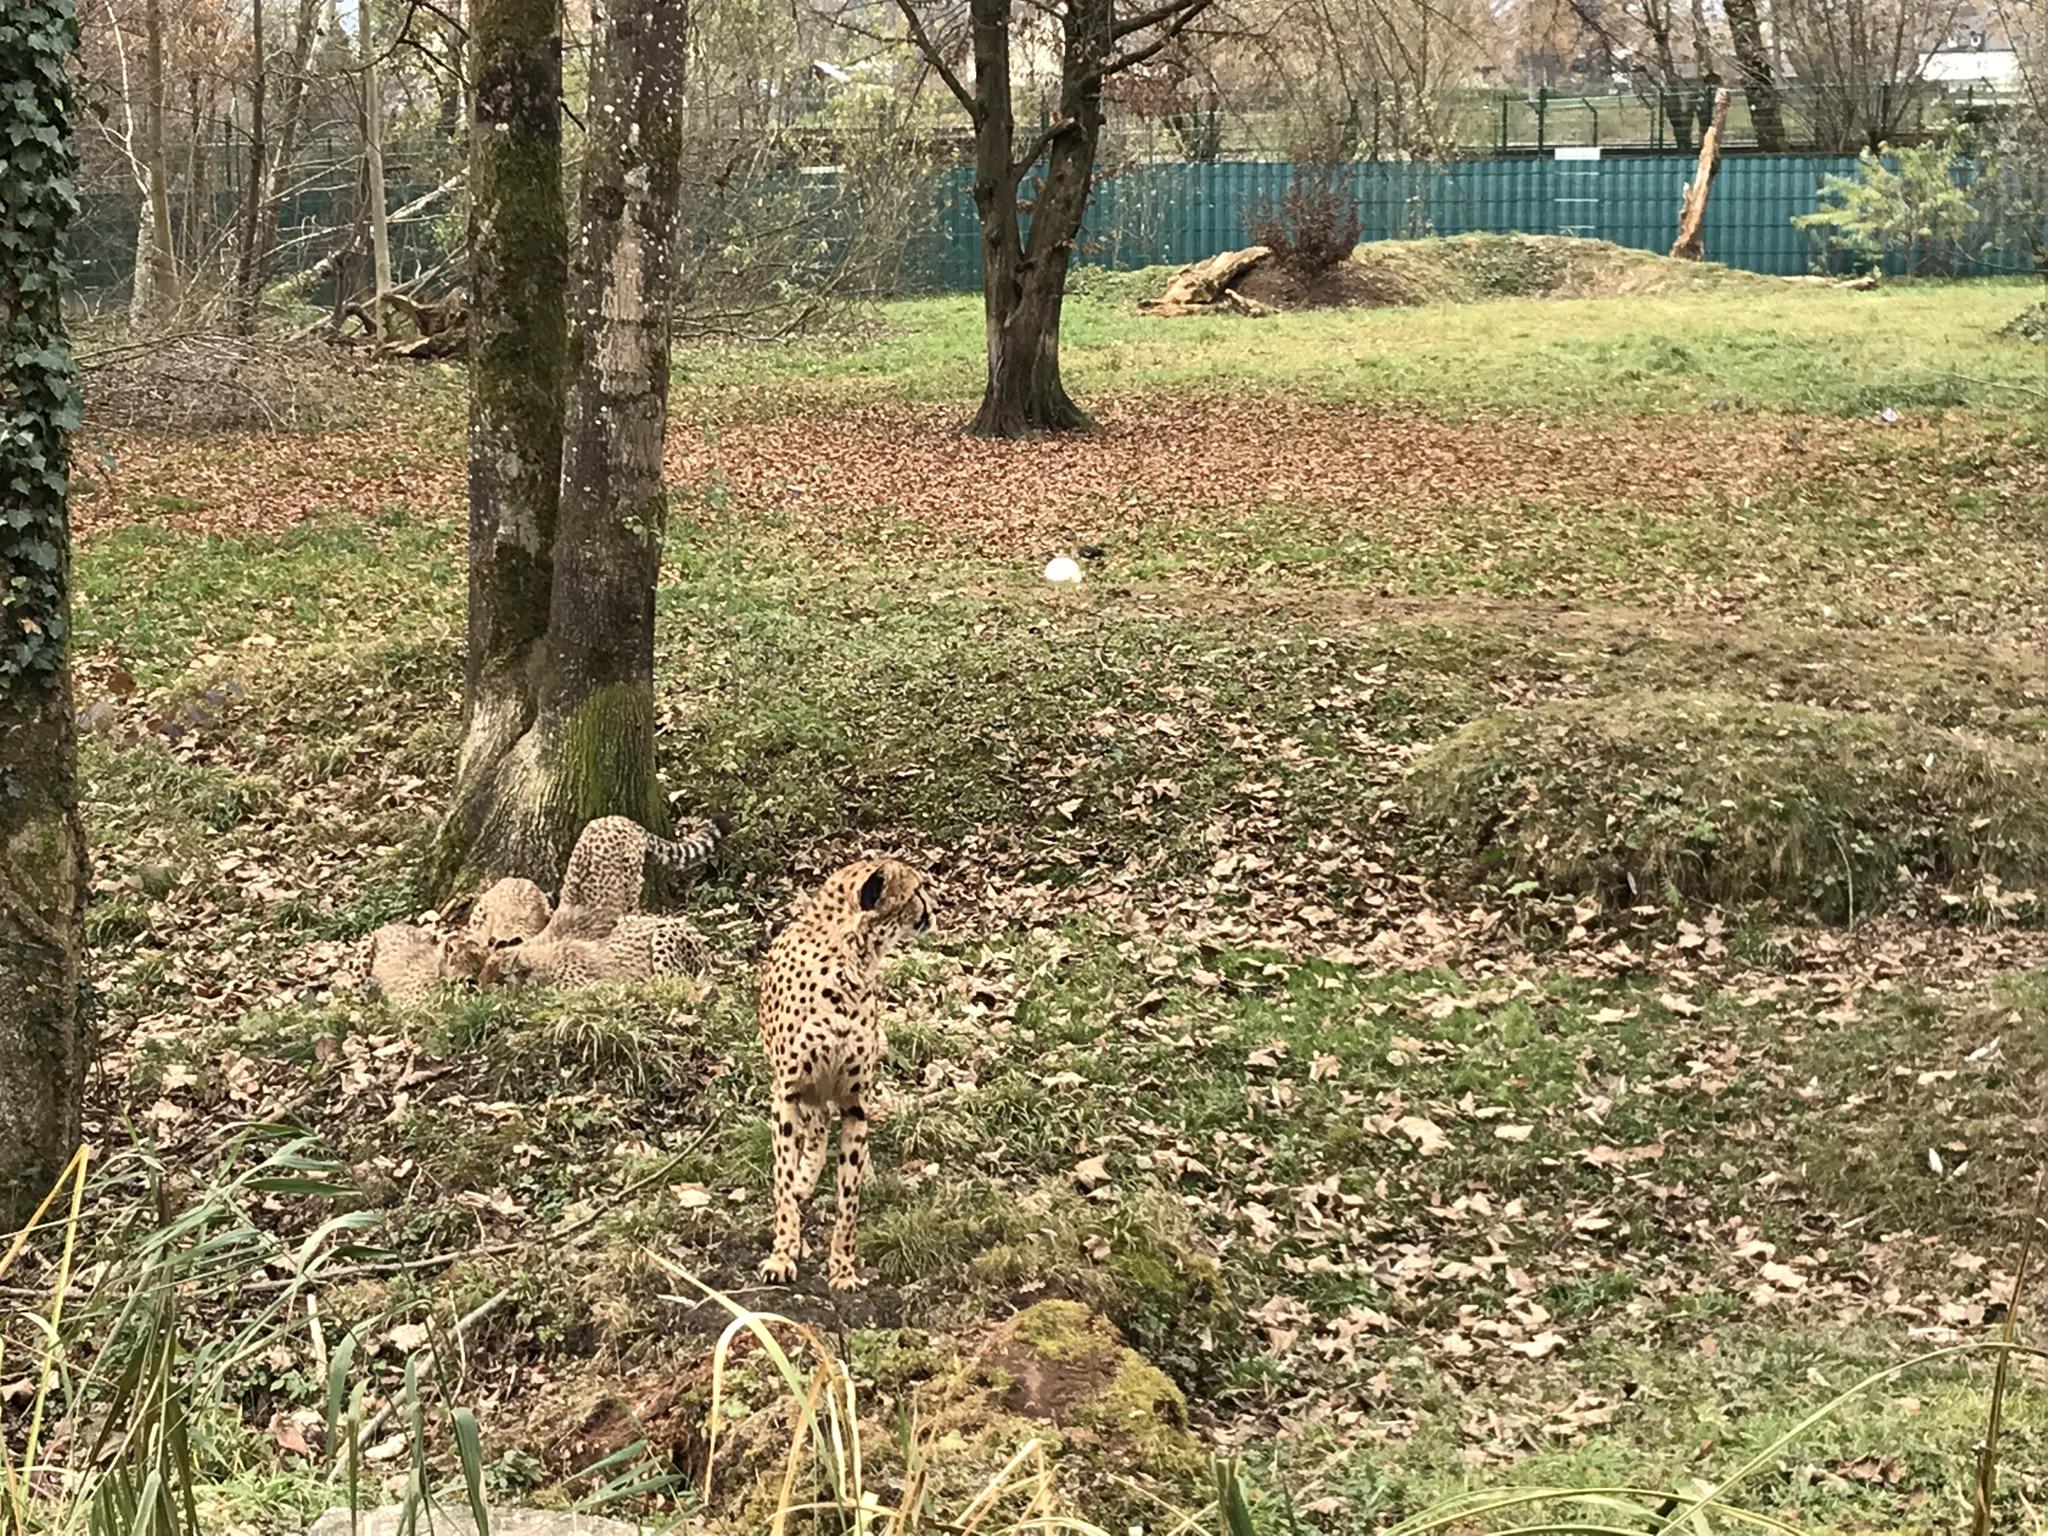 Zoobesuch im Zuge einer Geparden-Patenschaft